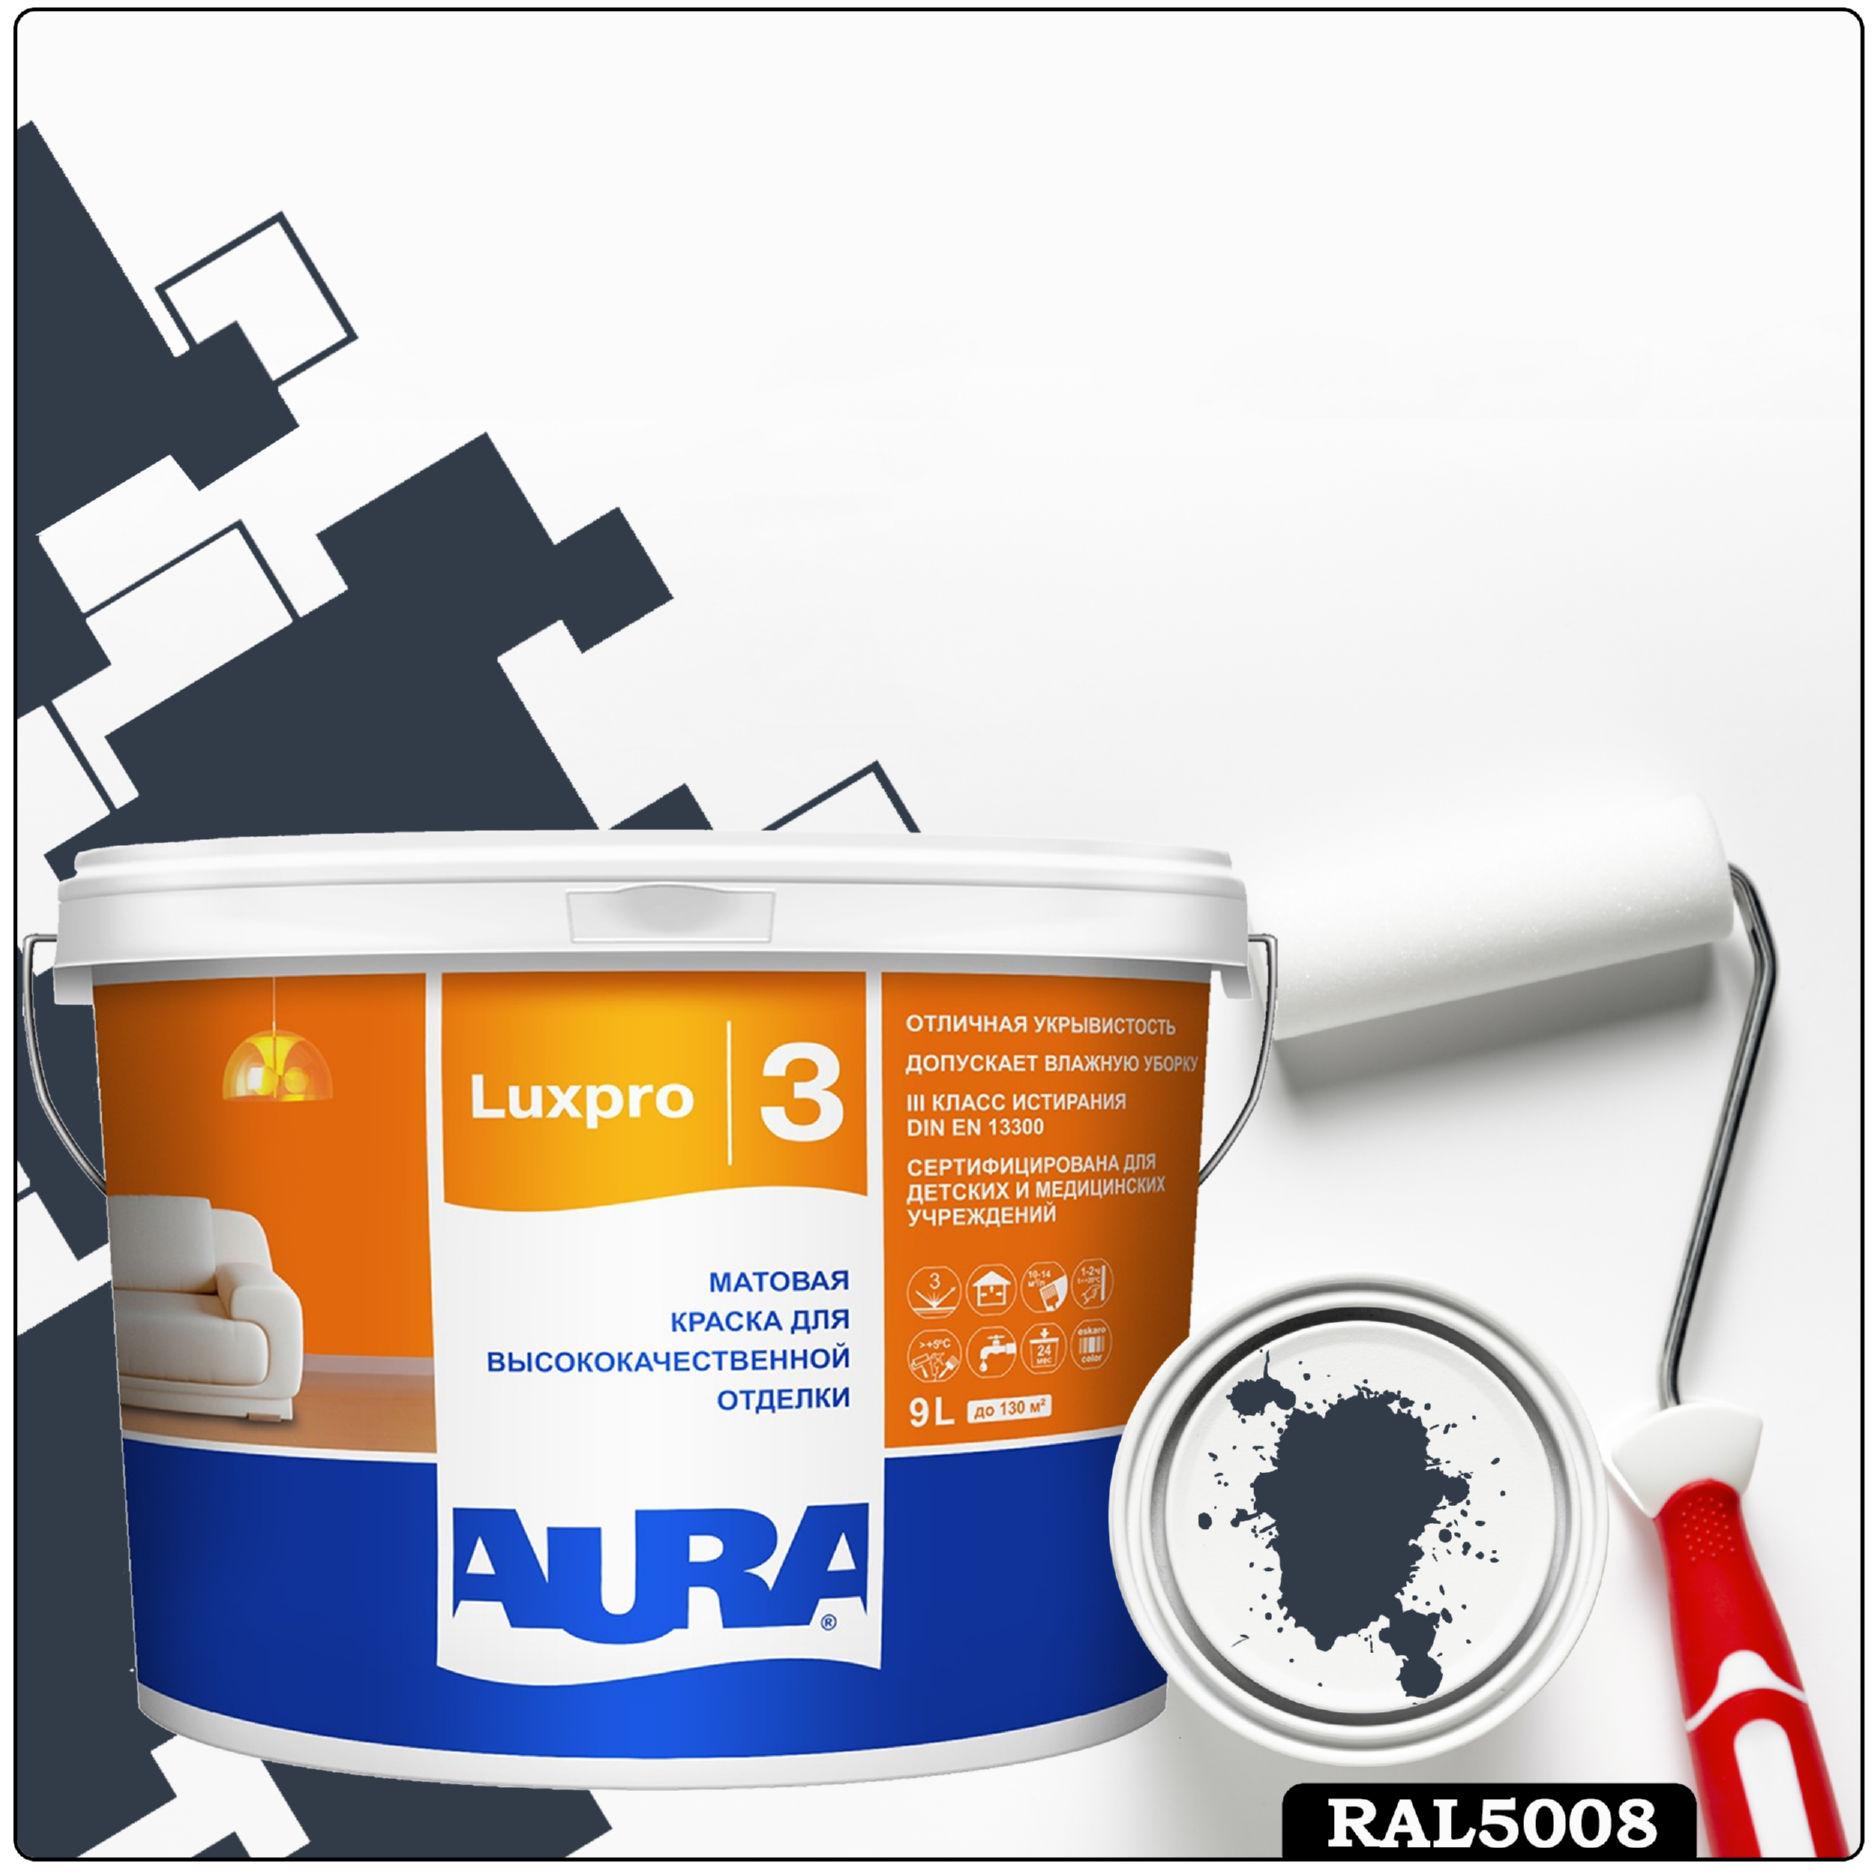 Фото 2 - Краска Aura LuxPRO 3, RAL 5008 Серо-синий, латексная, шелково-матовая, интерьерная, 9л, Аура.